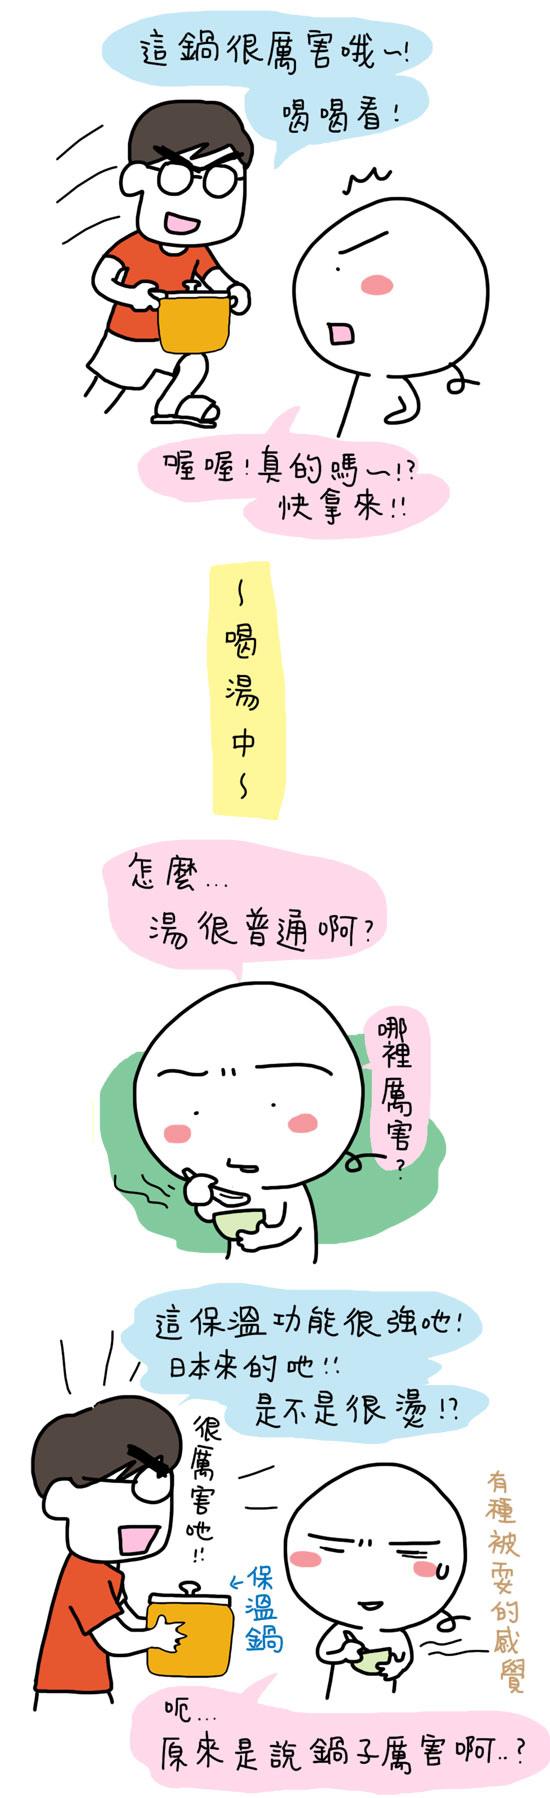 聯合報新-07-厲害的鍋02